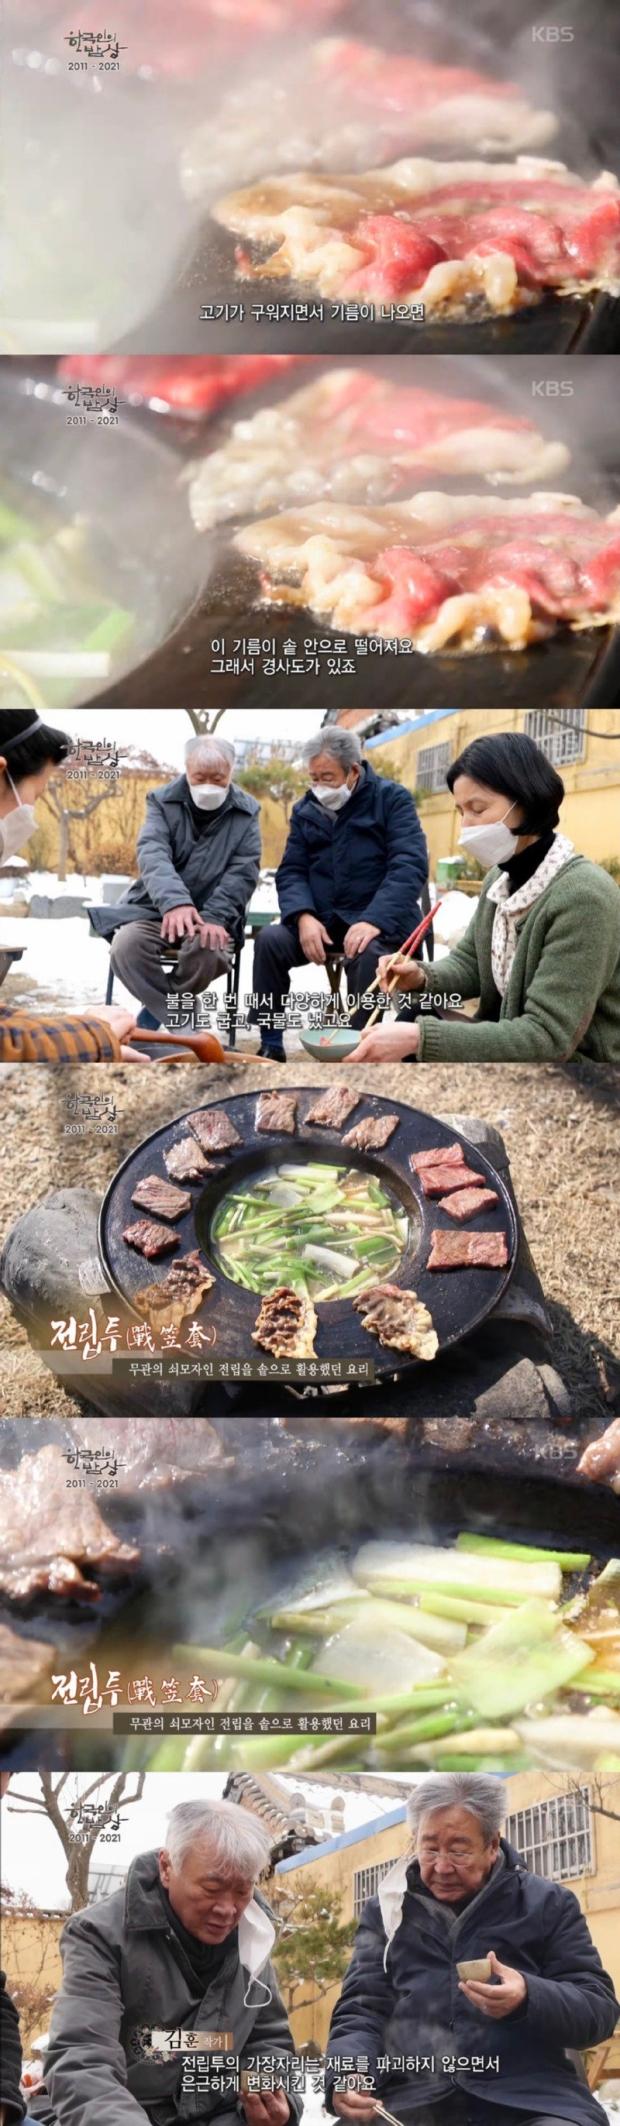 모자를 도구로 쓰는 전통음식